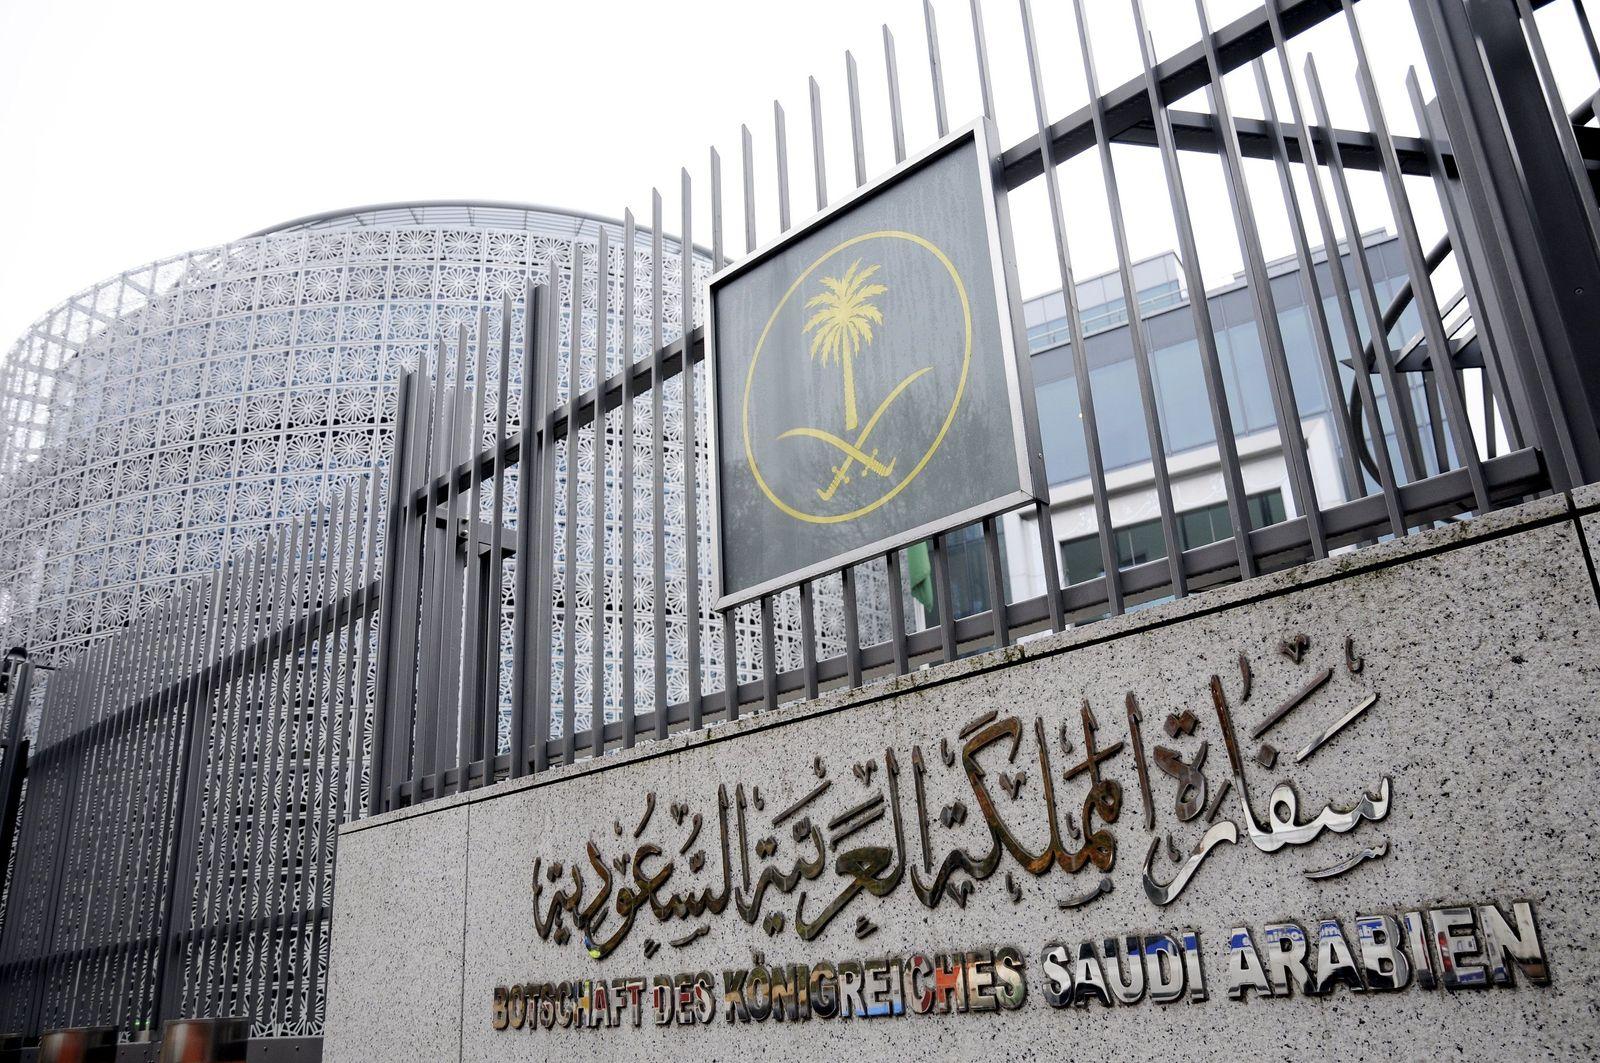 Botschaft Saudi-Arabiens/ Berlin